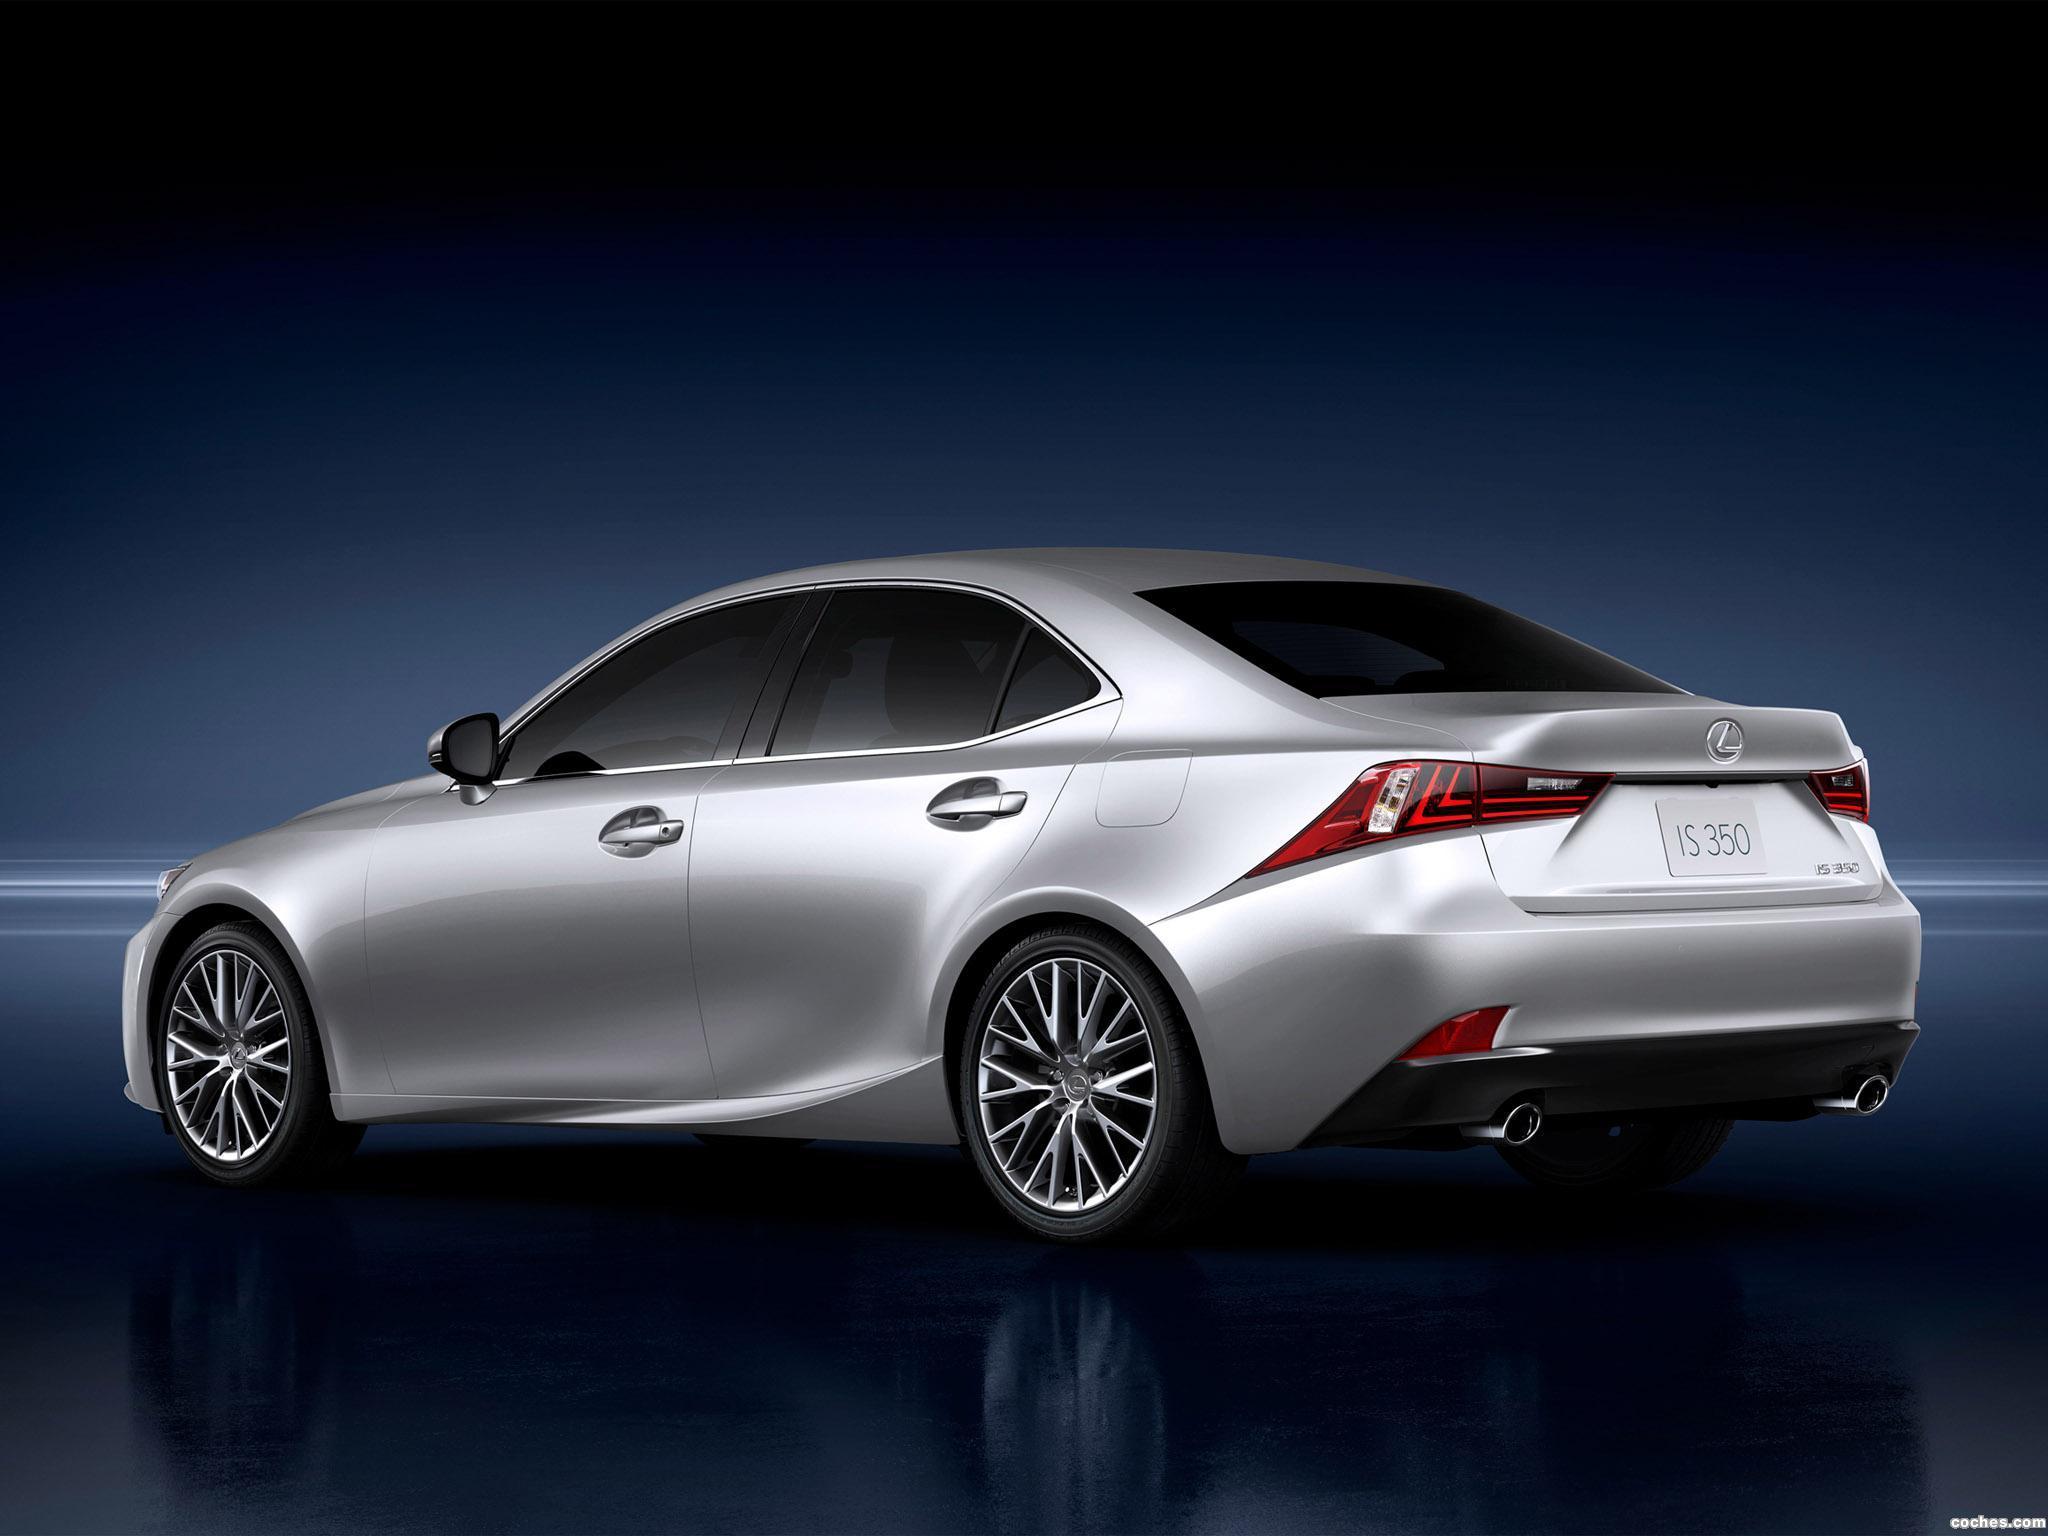 Foto 5 de Lexus IS 350 2013